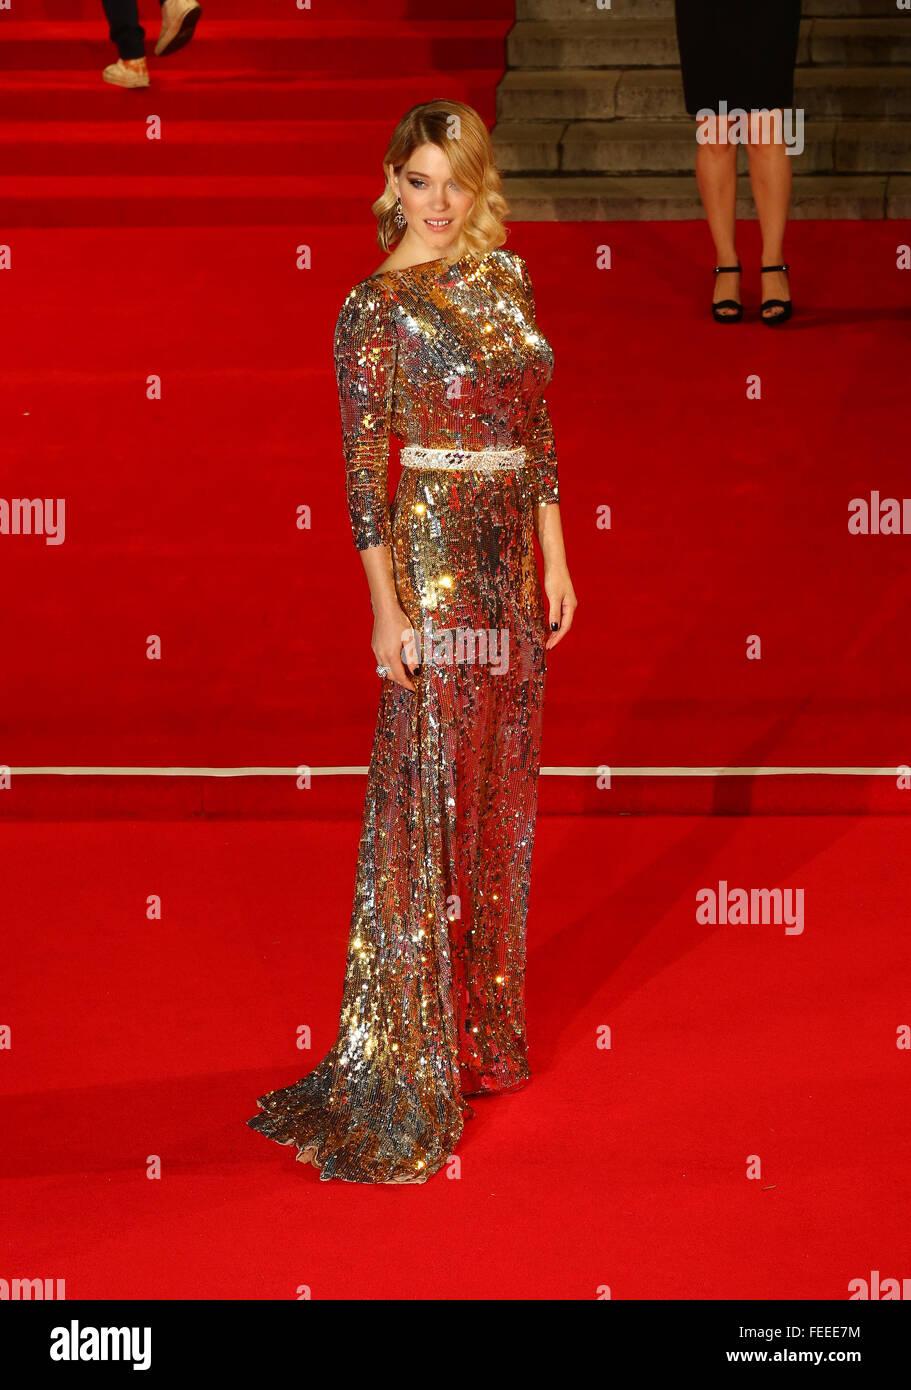 London, UK, 26th Oct 2015: Lea Seydoux attends James Bond Spectre CTBF film premiere in London - Stock Image